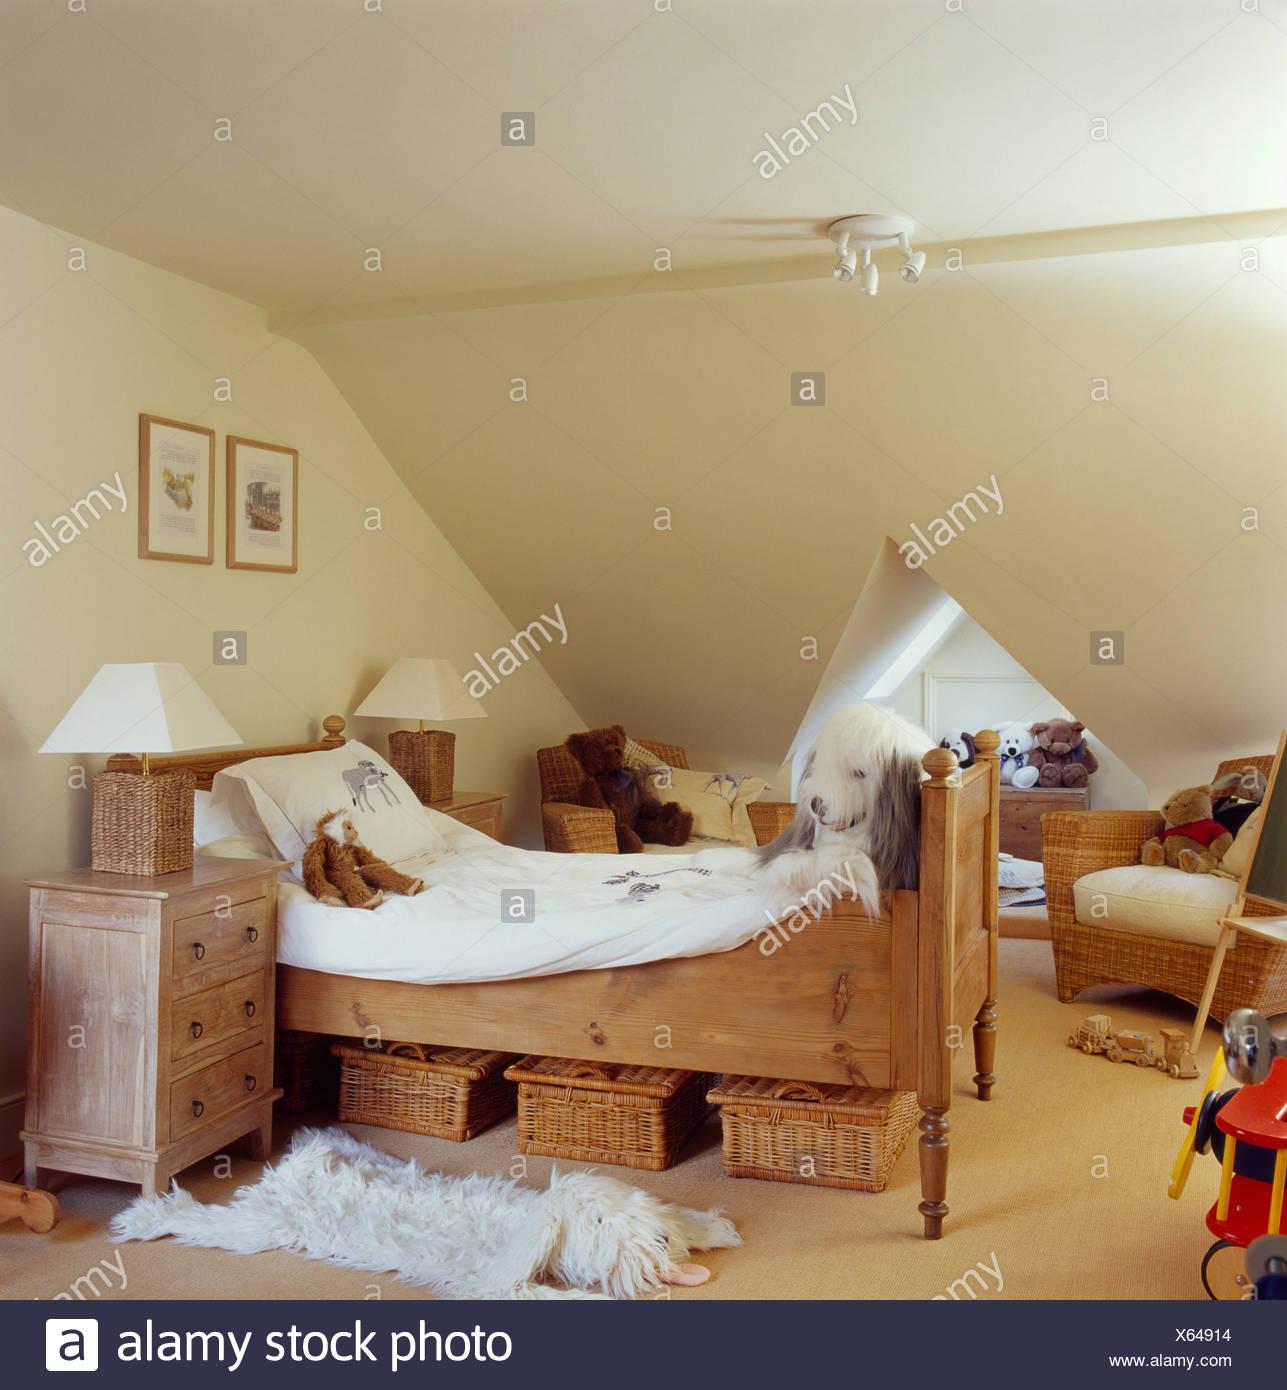 Full Size of Aufbewahrung Krbe Unter Kleinen Kiefer Bett Im Kinderzimmer Creme Regal Weiß Regale Sofa Kinderzimmer Nachttisch Kinderzimmer